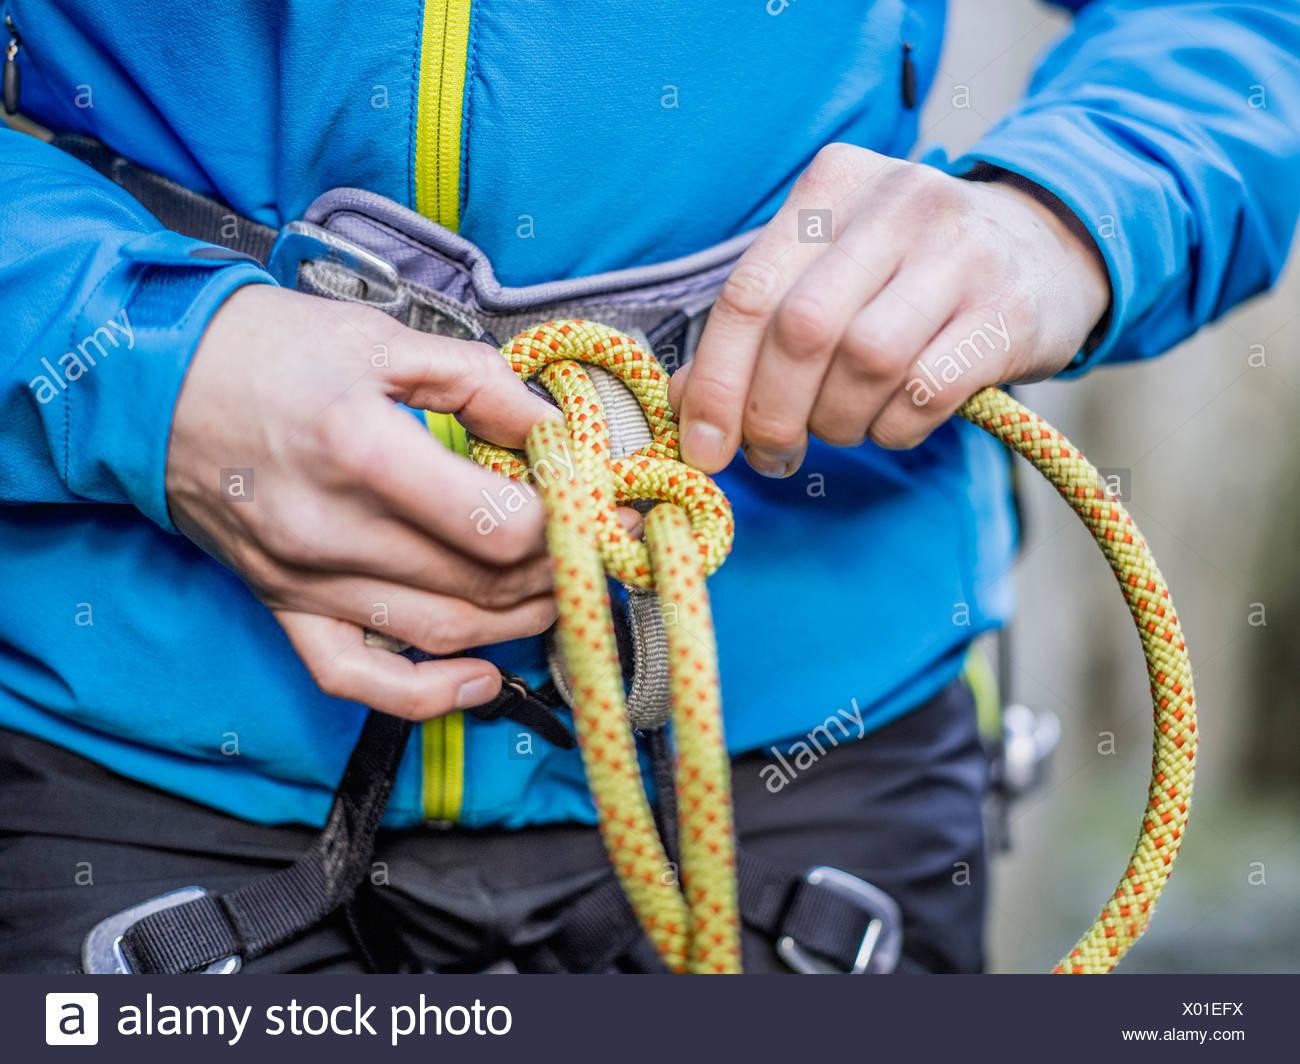 Klettergurt Aus Seil Binden : Kletterer seil binden stockfoto bild alamy